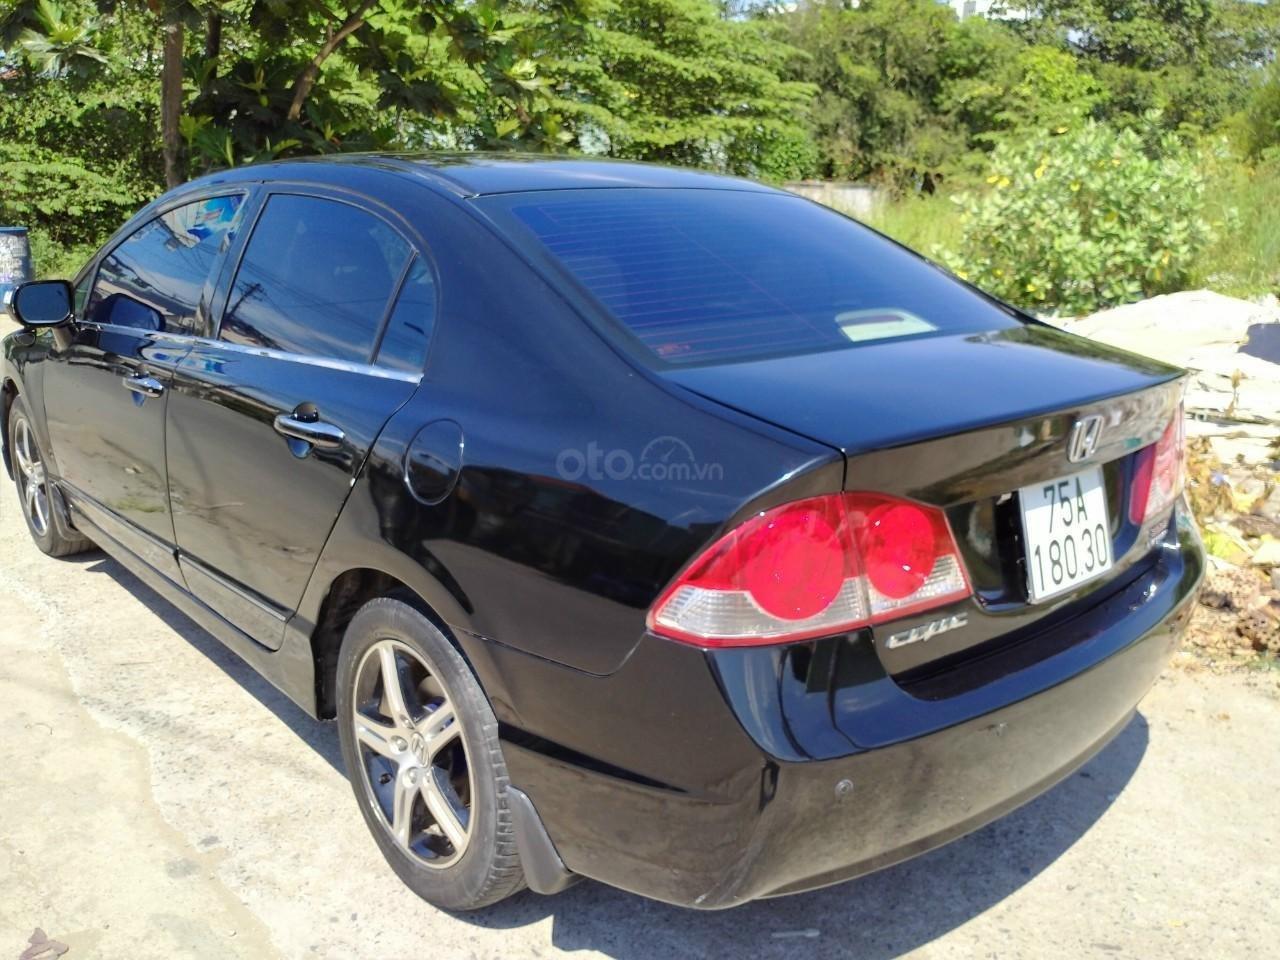 Honda Civic 2.0 AT 2006, bản đủ, cửa sổ trời, số tự động (2)